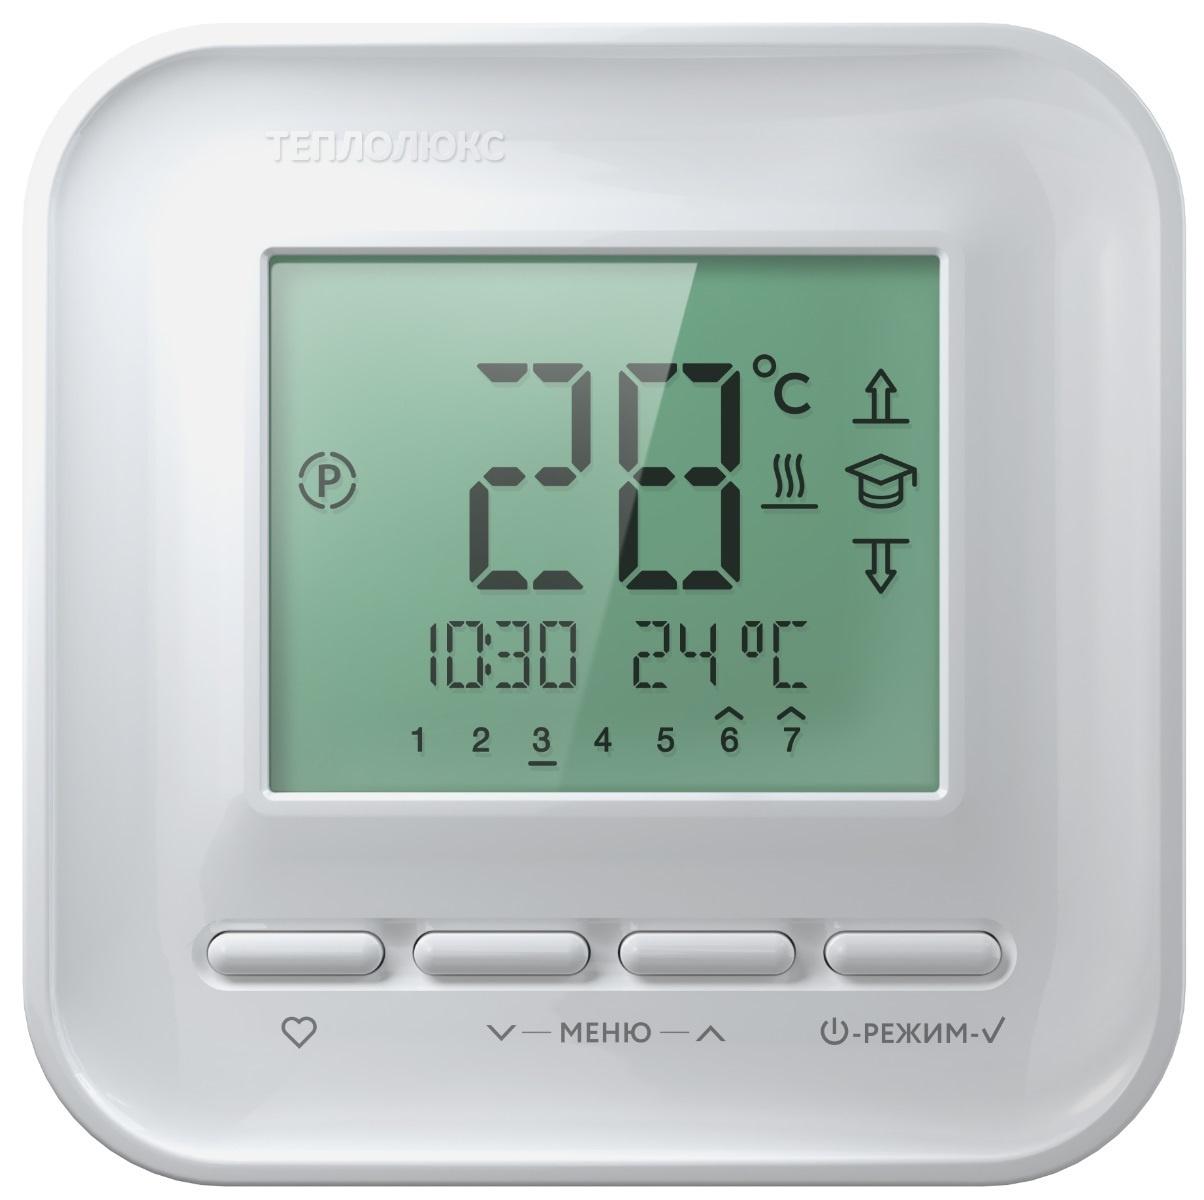 Регулятор теплого пола Теплолюкс ТР515, белый теплолюкс тр 515